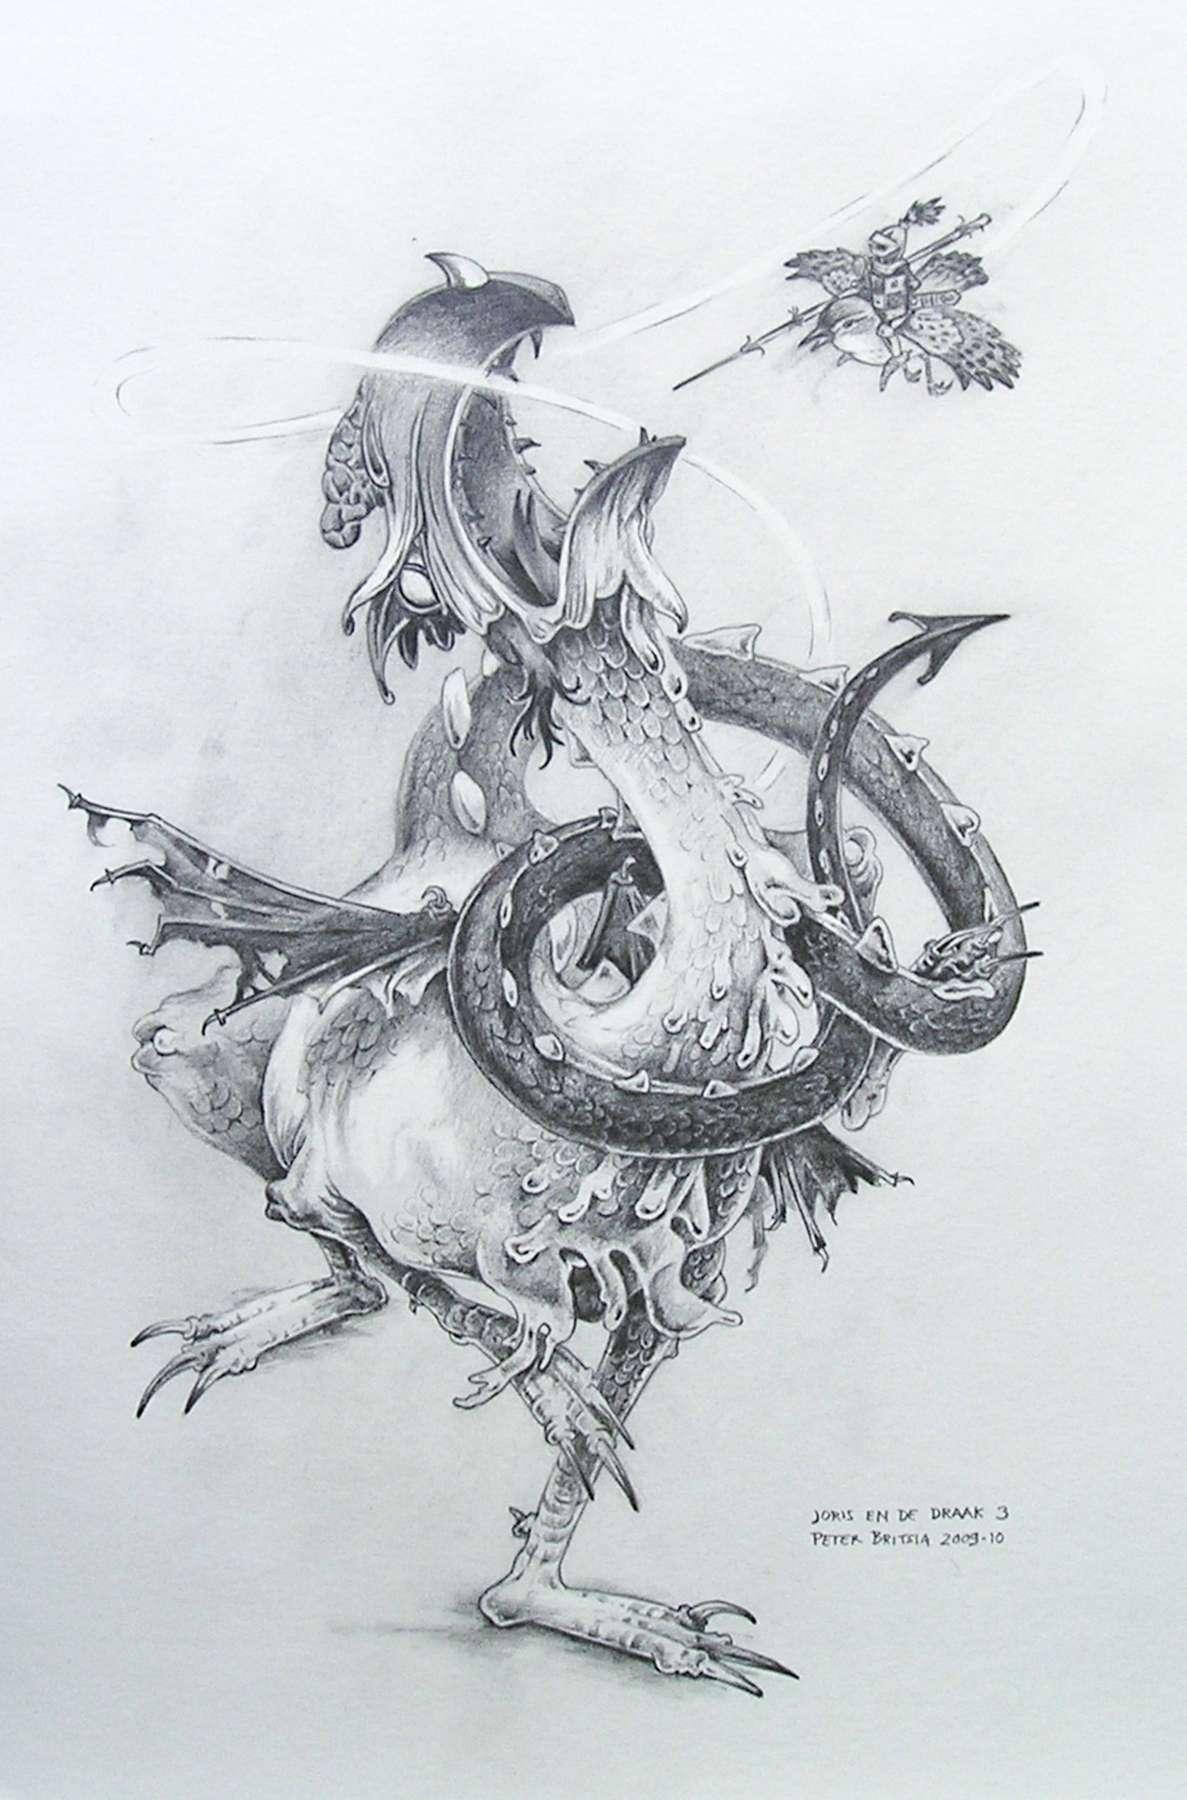 Joris en de draak -3- potloodtekening<br>Op zijn winterkoninkje gezeten cirkelt Joris om de draak heen. De draak wordt steeds kwader, omdat hij dat kleine hapje maar niet te pakken krijgt. Gevangen in zijn eigen web van woede legt het monster zichzelf hopeloos in de knoop.